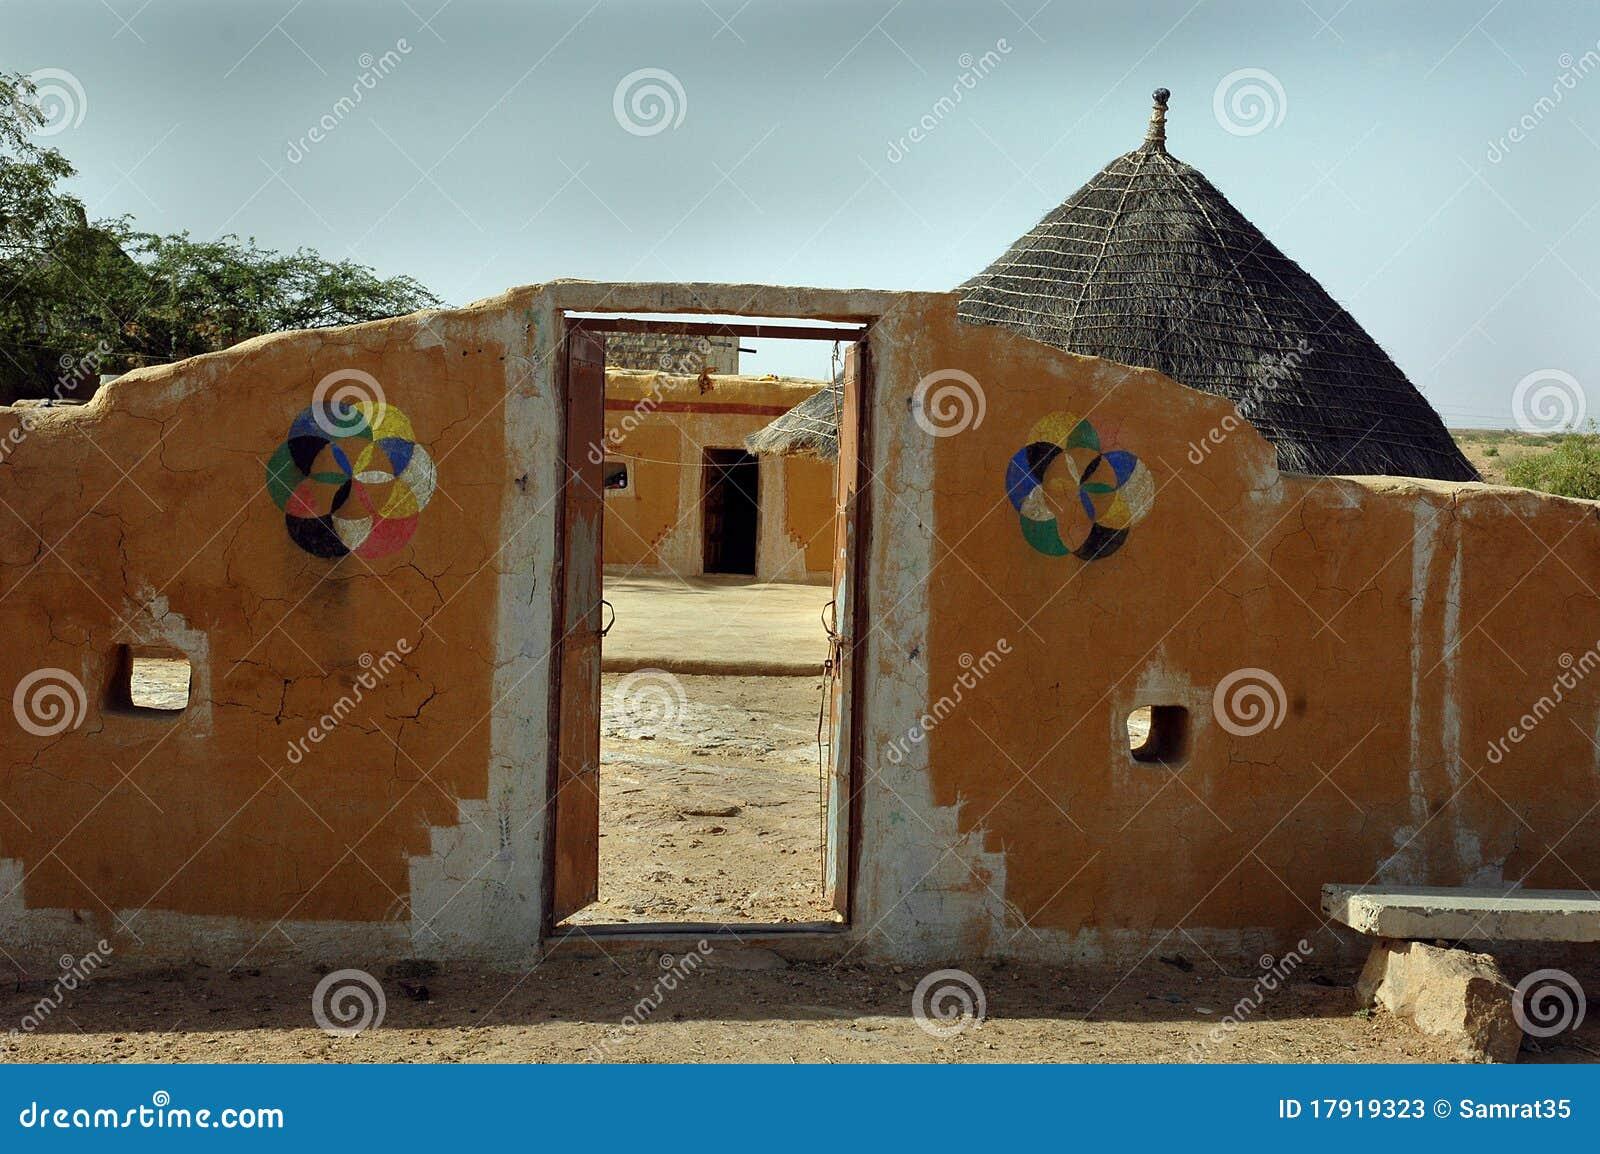 Rajasthani Village Of India Stock Image Image Of